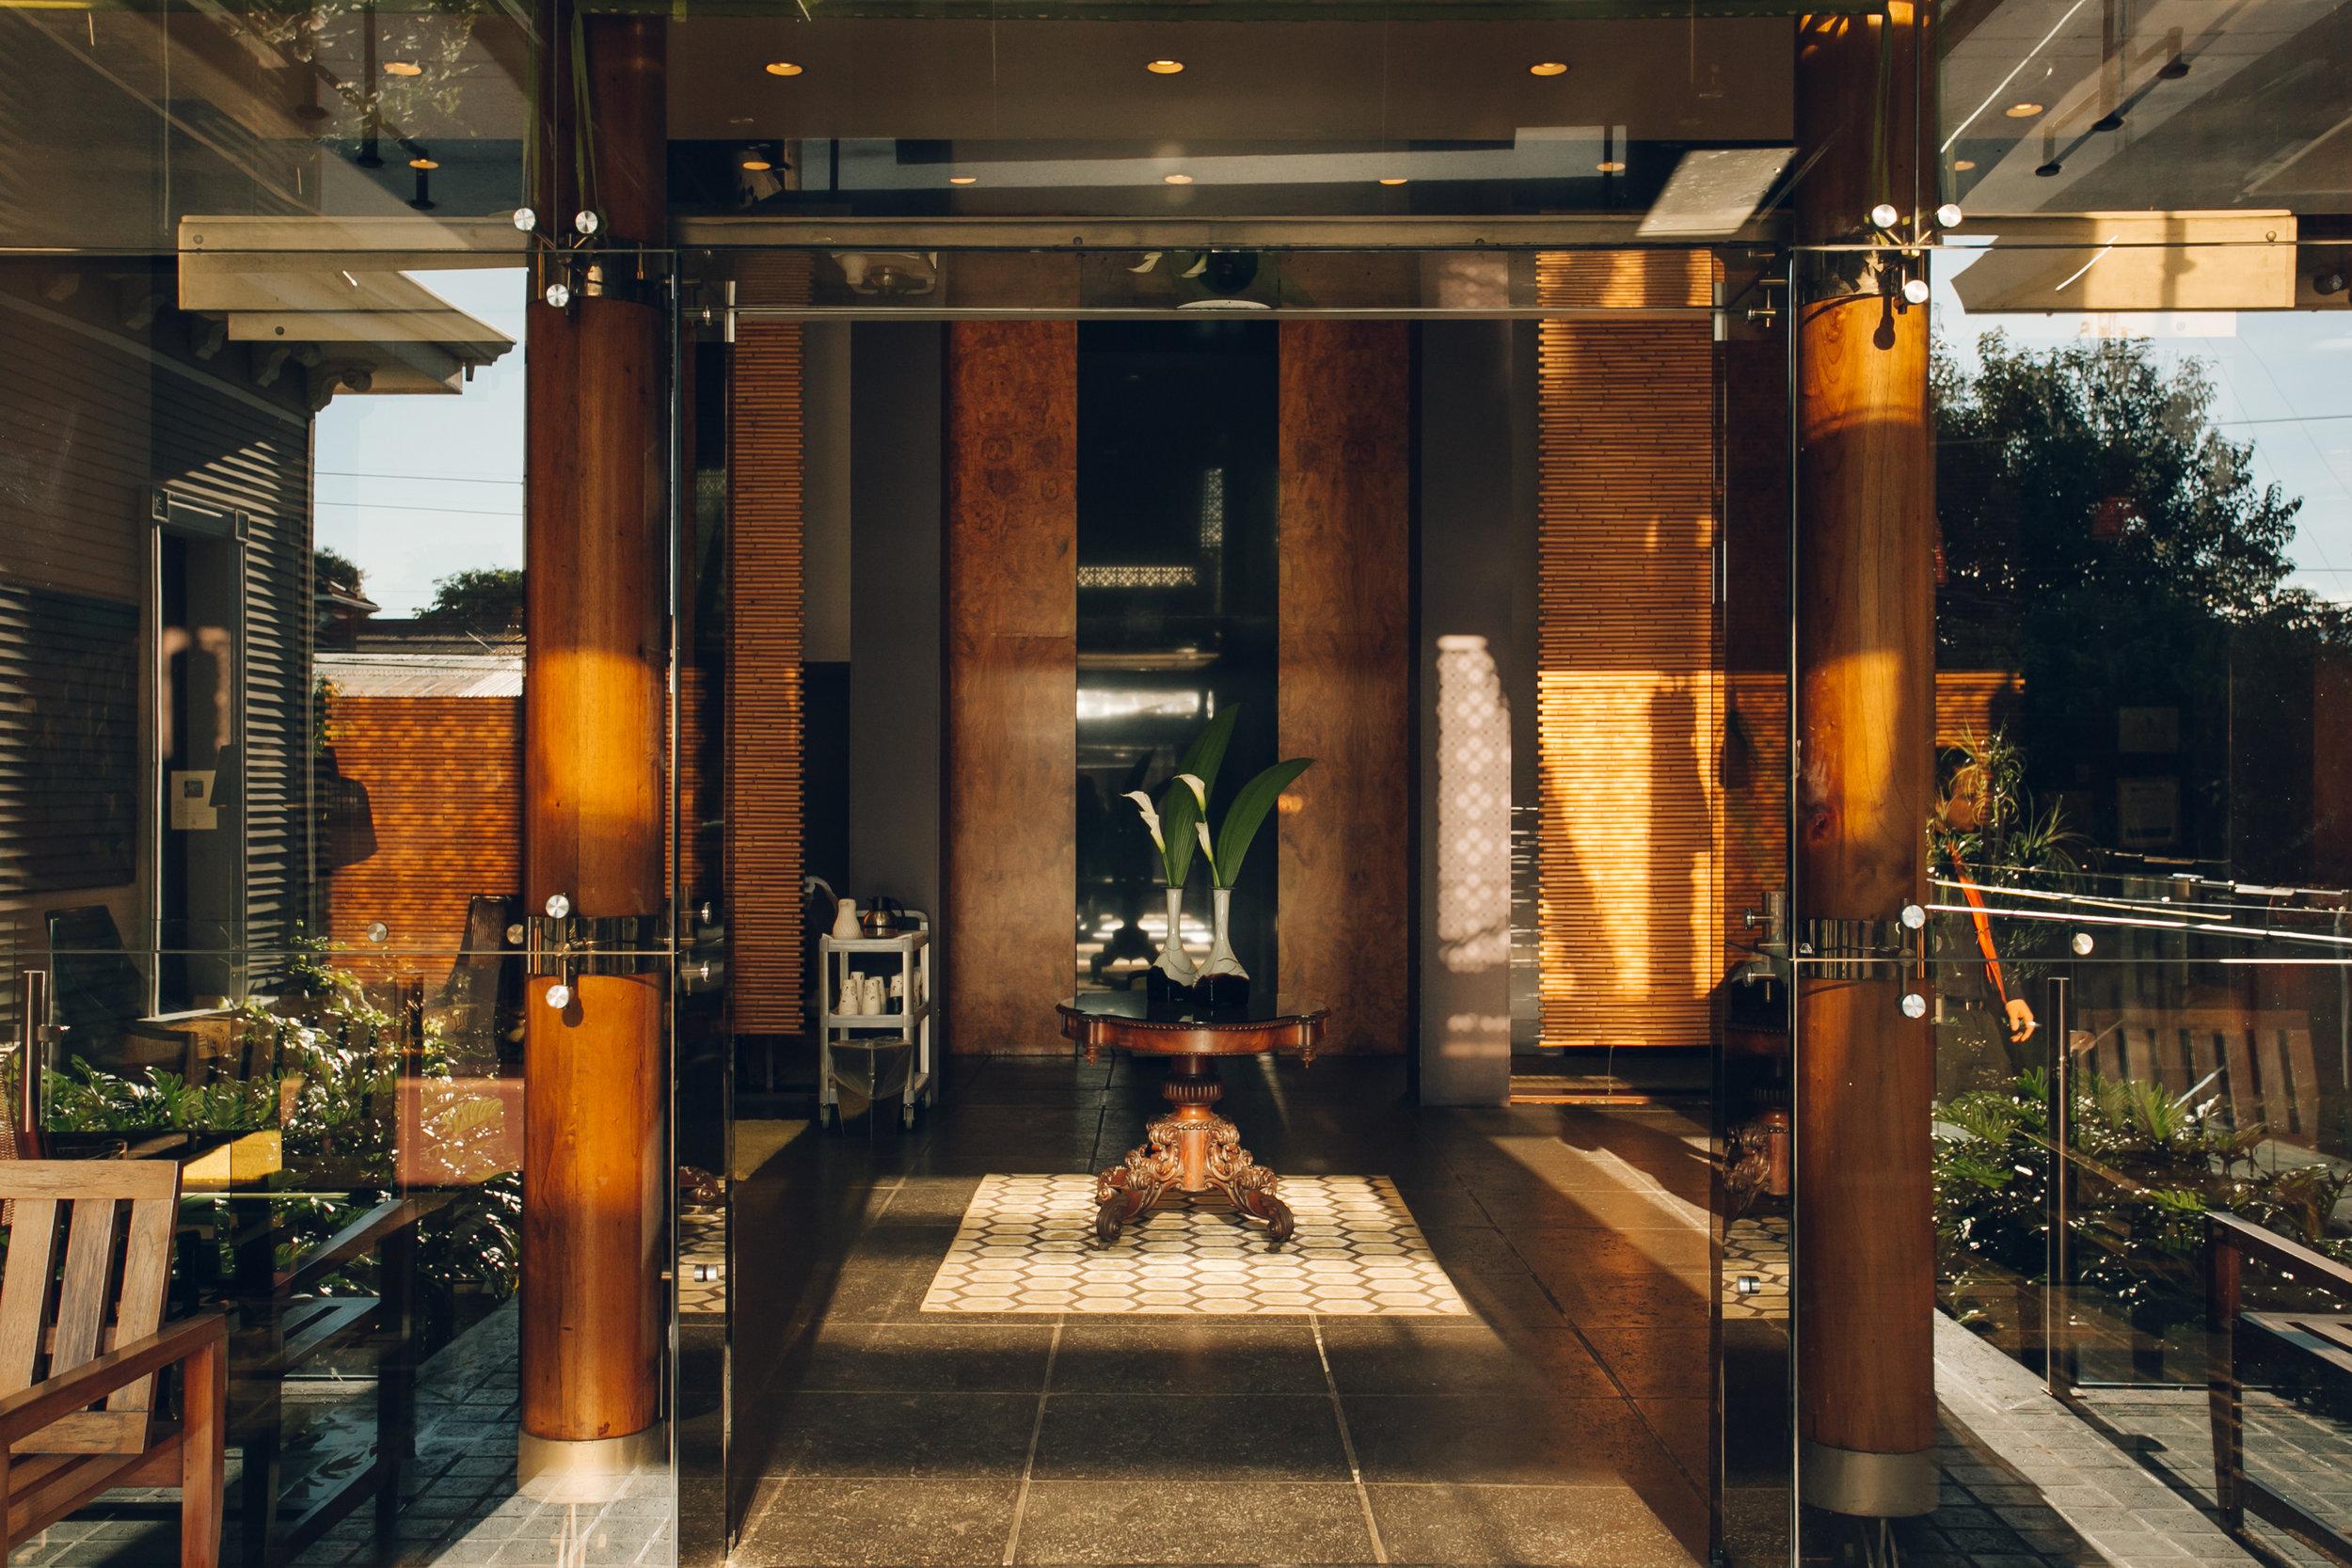 hotel grano de oro costa rica front entrance